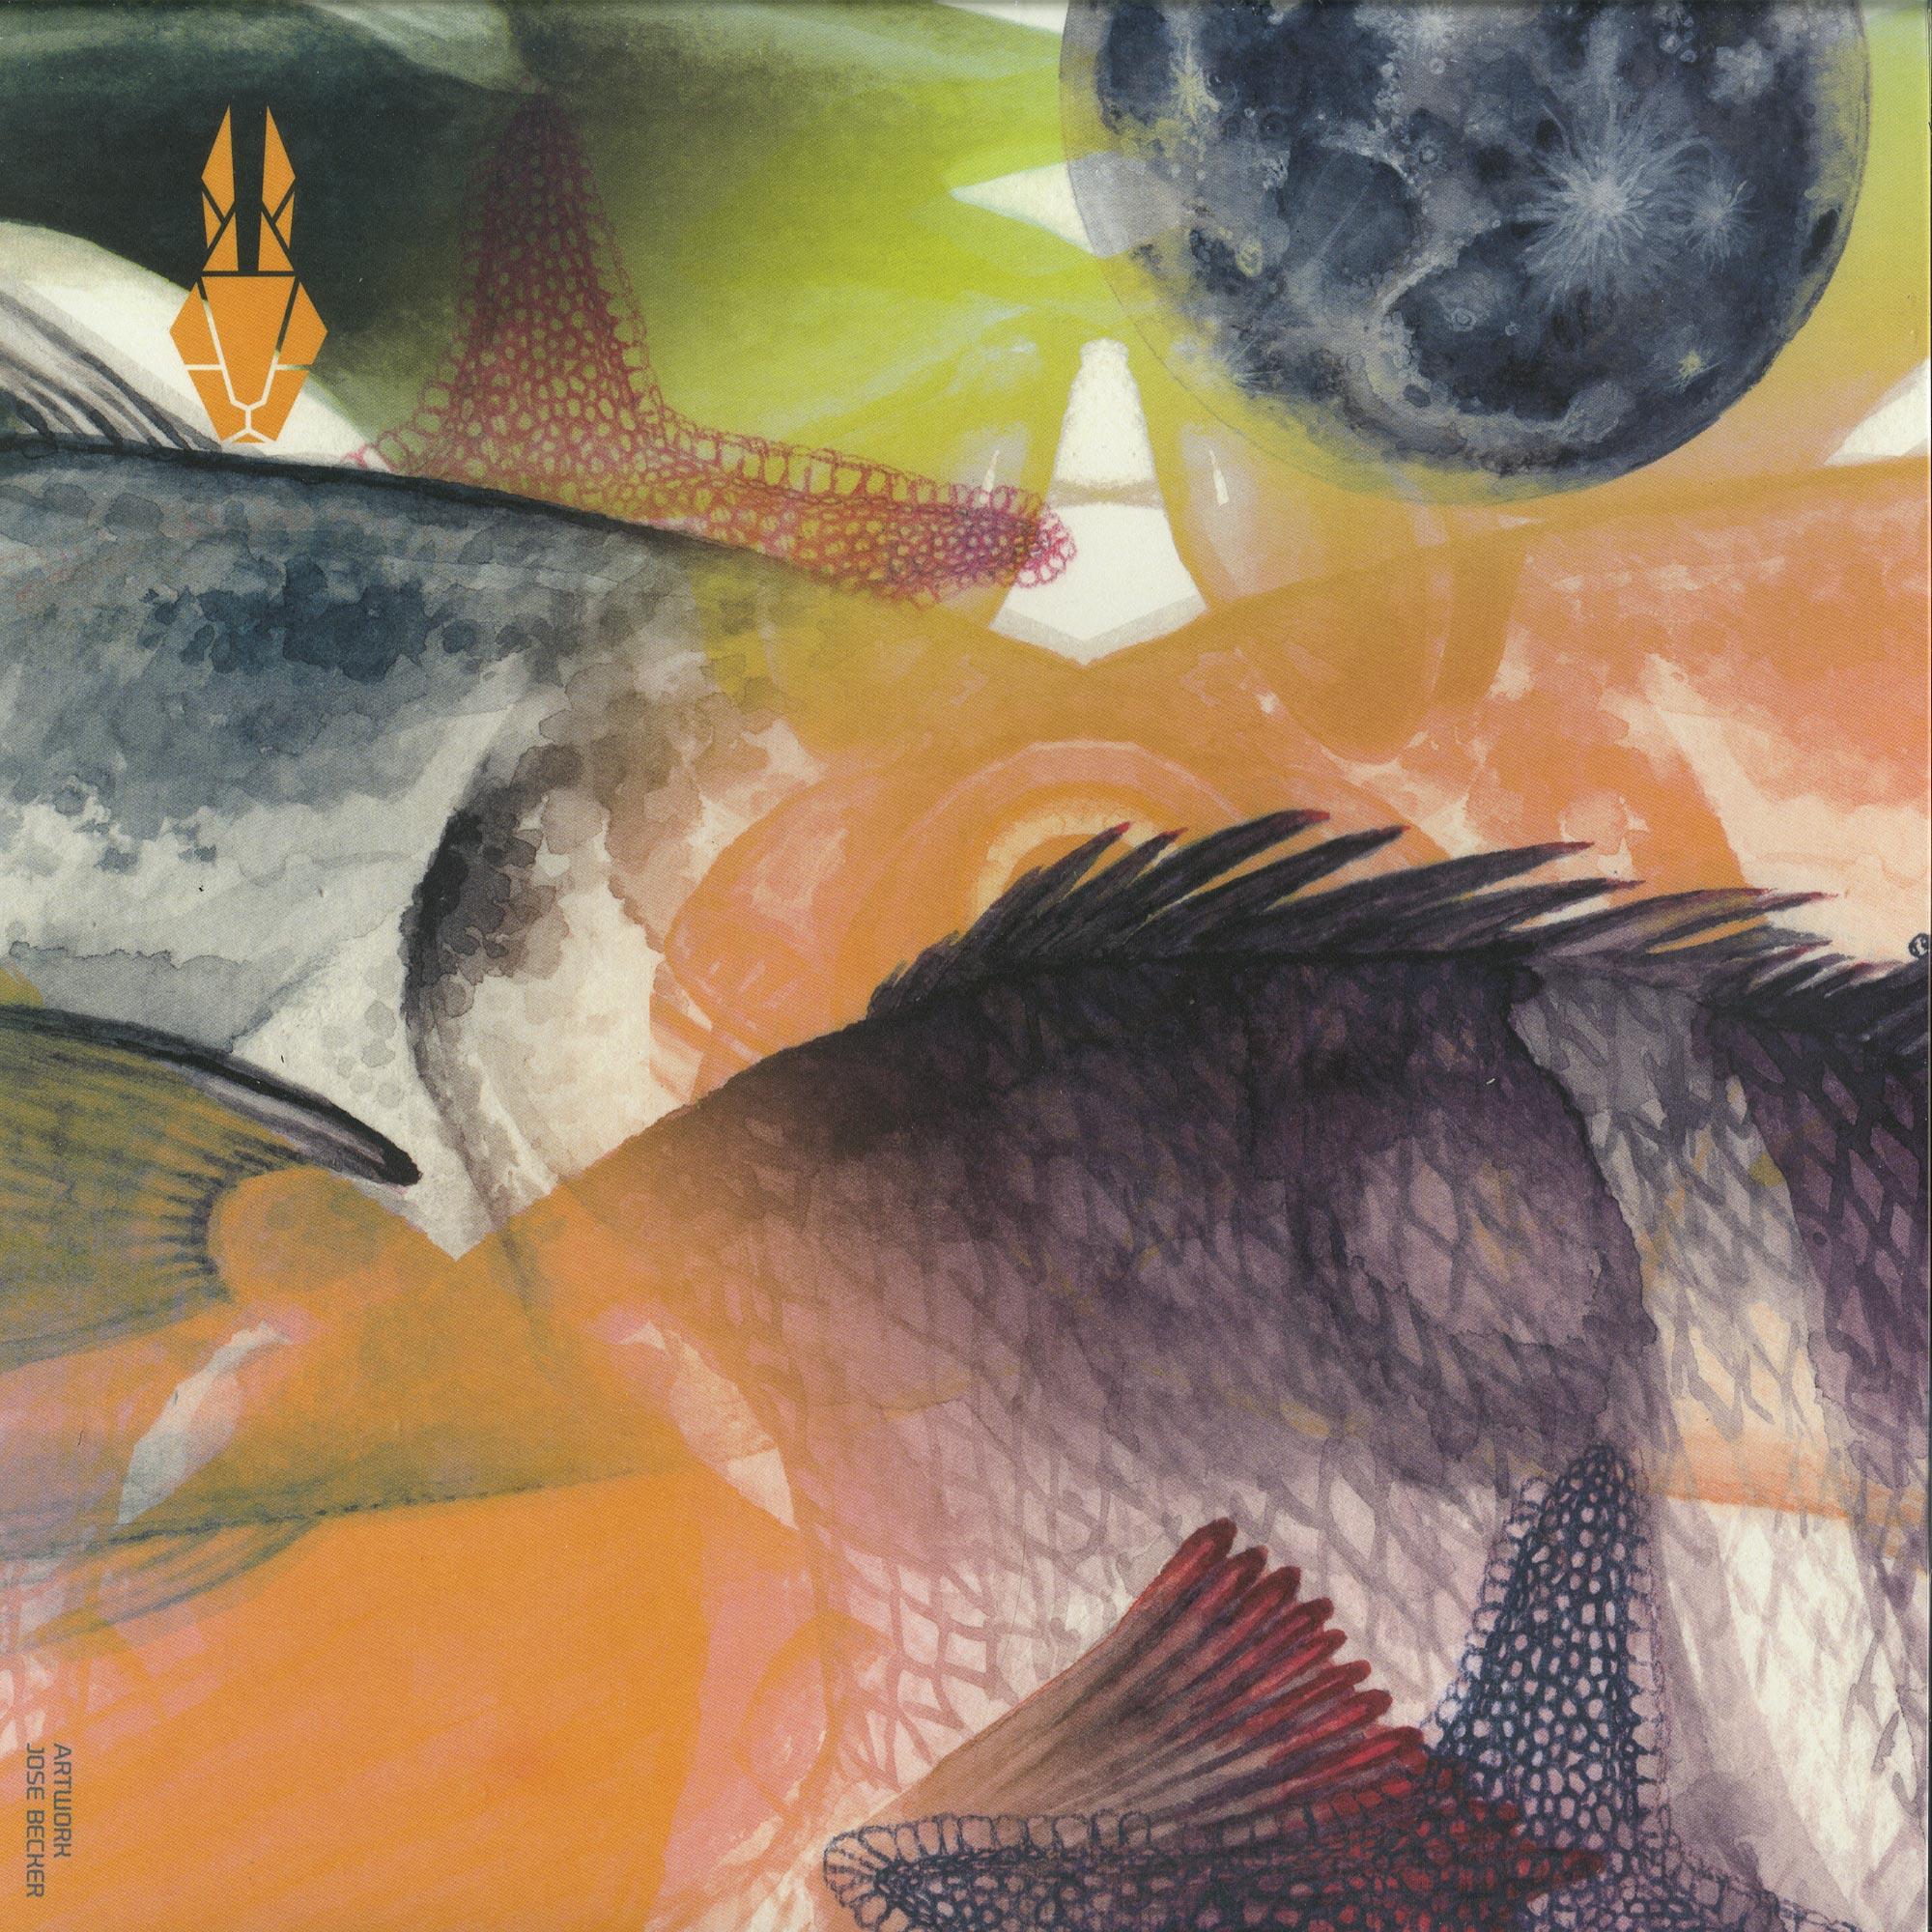 Metamatics & Nyquist - THE FAR CENTER EP